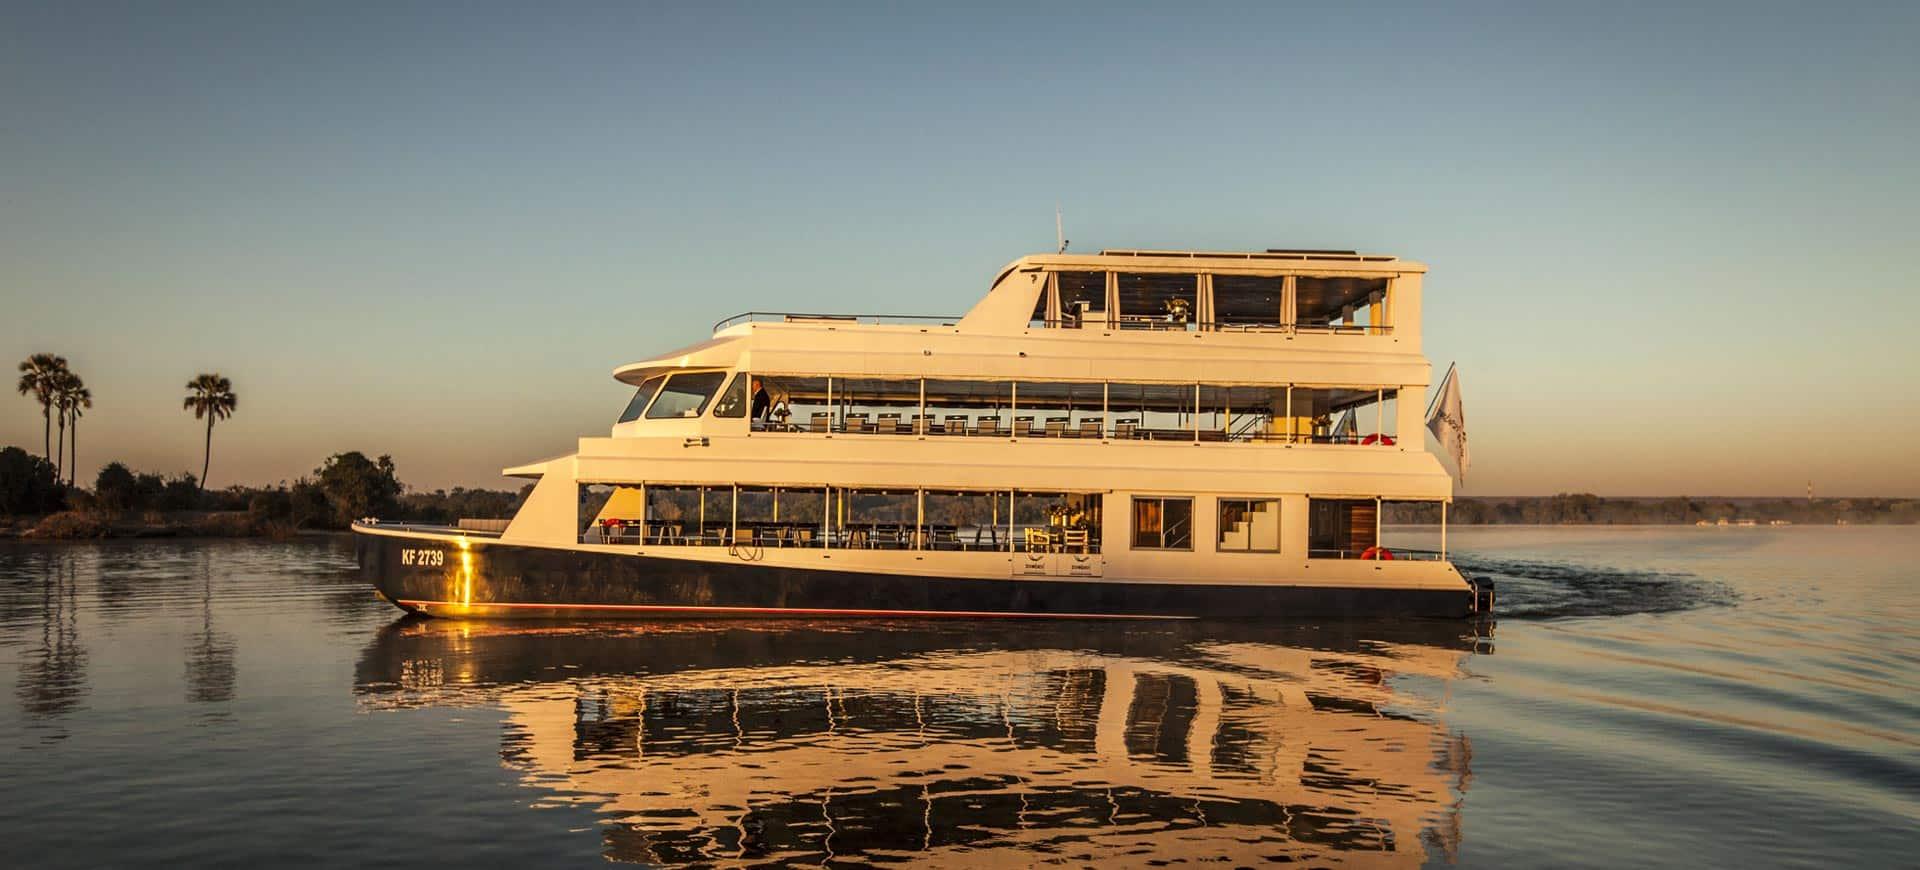 Zambezi River Sunset Cruise Victoria Falls